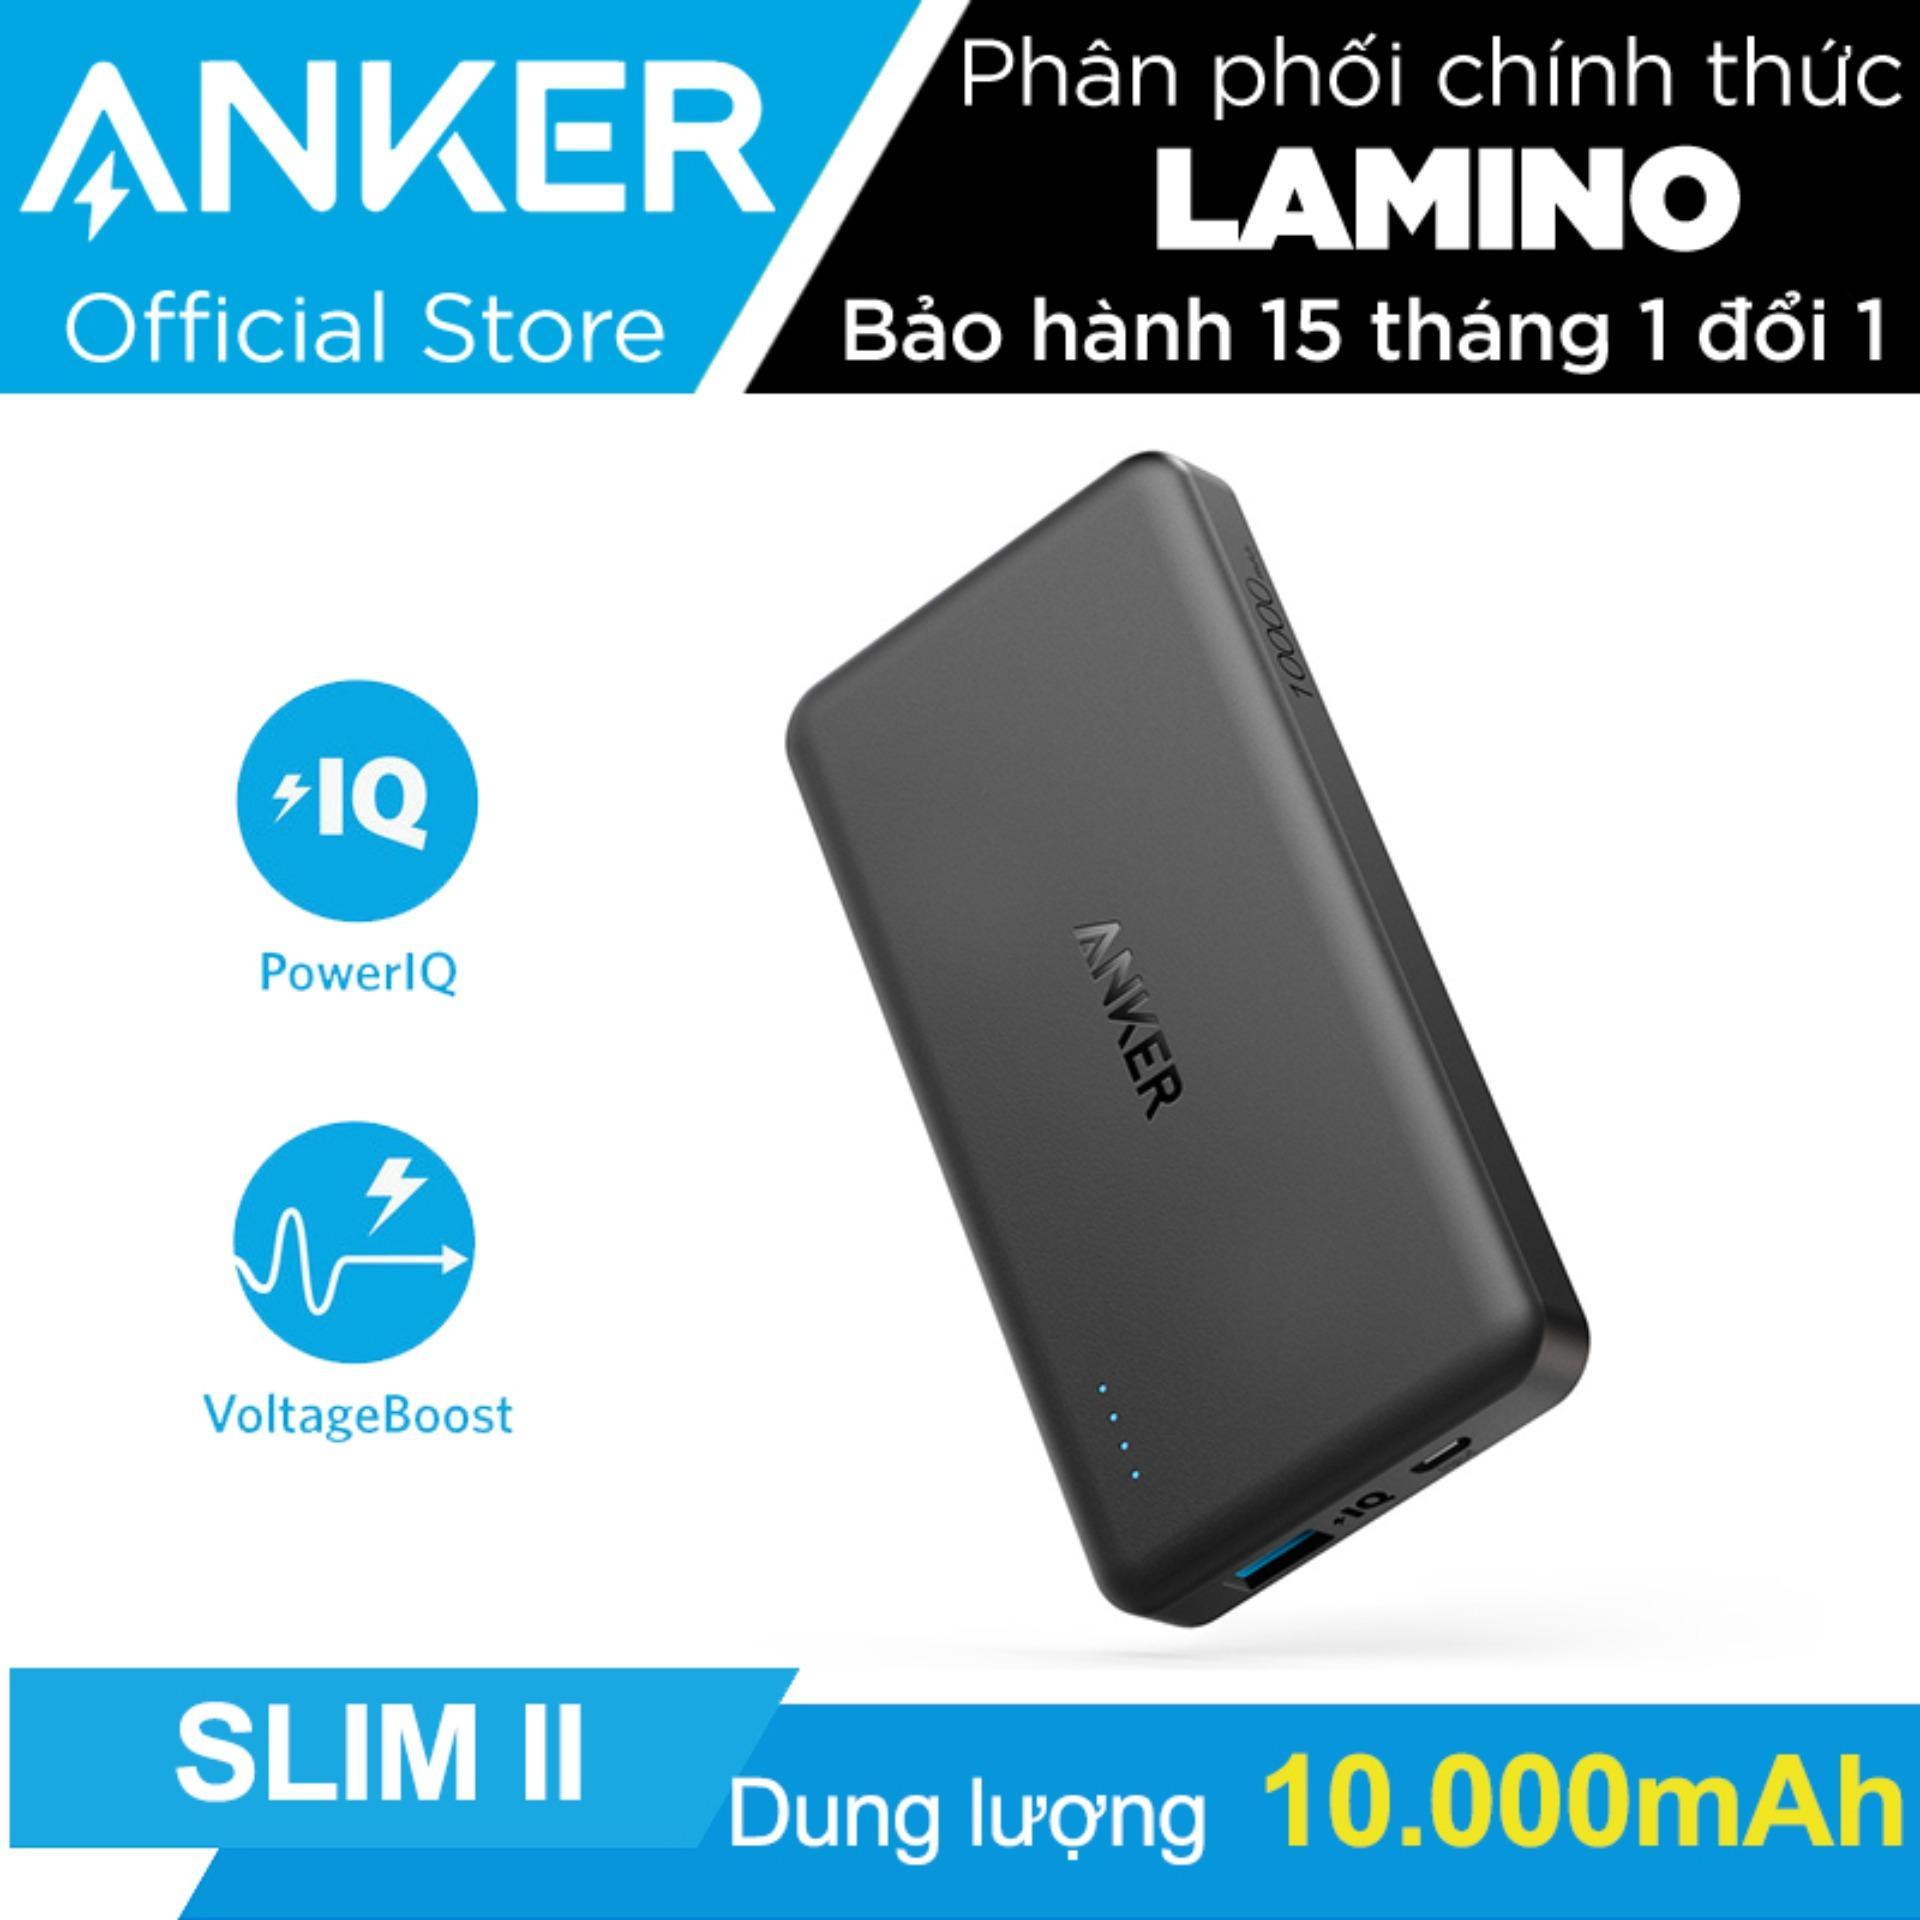 Giá Bán Pin Sạc Dự Phong Sieu Mỏng Anker Powercore Ii Slim 10000Mah Đen Hang Phan Phối Chinh Thức